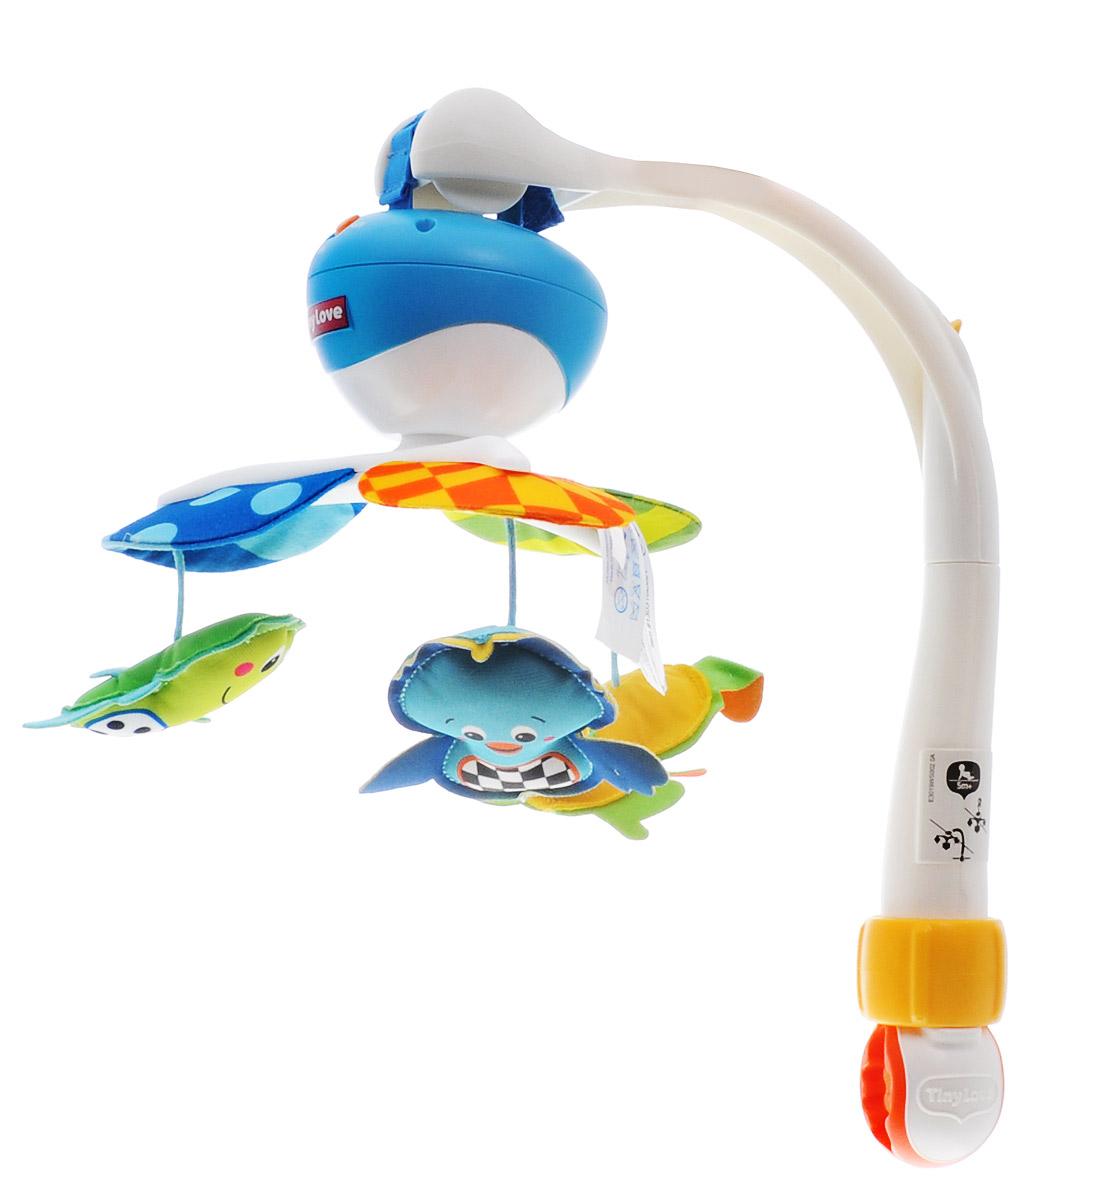 Tiny Love Музыкальный мобиль Take-Along1303106830Музыкальный мобиль Tiny Love Take-Along - оригинальная музыкальная игрушка, создающая атмосферу уюта и спокойствия в детской комнате с первых дней жизни малыша. Мобиль изготовлен из безопасных материалов ярких цветов. Пластиковое основание мобиля легко крепится к кроватке или манежу с помощью кронштейна с зажимом. К нему присоединяется карусель с тремя лепестками, к которым подвешены три мягкие игрушки в виде птички, зайчика и лягушки. Мобиль воспроизводит пять различных мелодий длительностью до 30 минут, а также может работать в режиме без музыкального сопровождения. Карусель с подвесными игрушками при желании можно снять и при помощи зажима - крокодила или ремешка с липучкой подвесить ее на коляску, кресло, автолюльку или игровую дугу крохи. Хоровод ярких зверюшек, которые летают над вашим малышом в ритме нежной музыки, способствует развитию первого слухового и зрительного восприятия. Рекомендуемый возраст: от 0 месяцев до 5 месяцев. Необходимо купить 3...